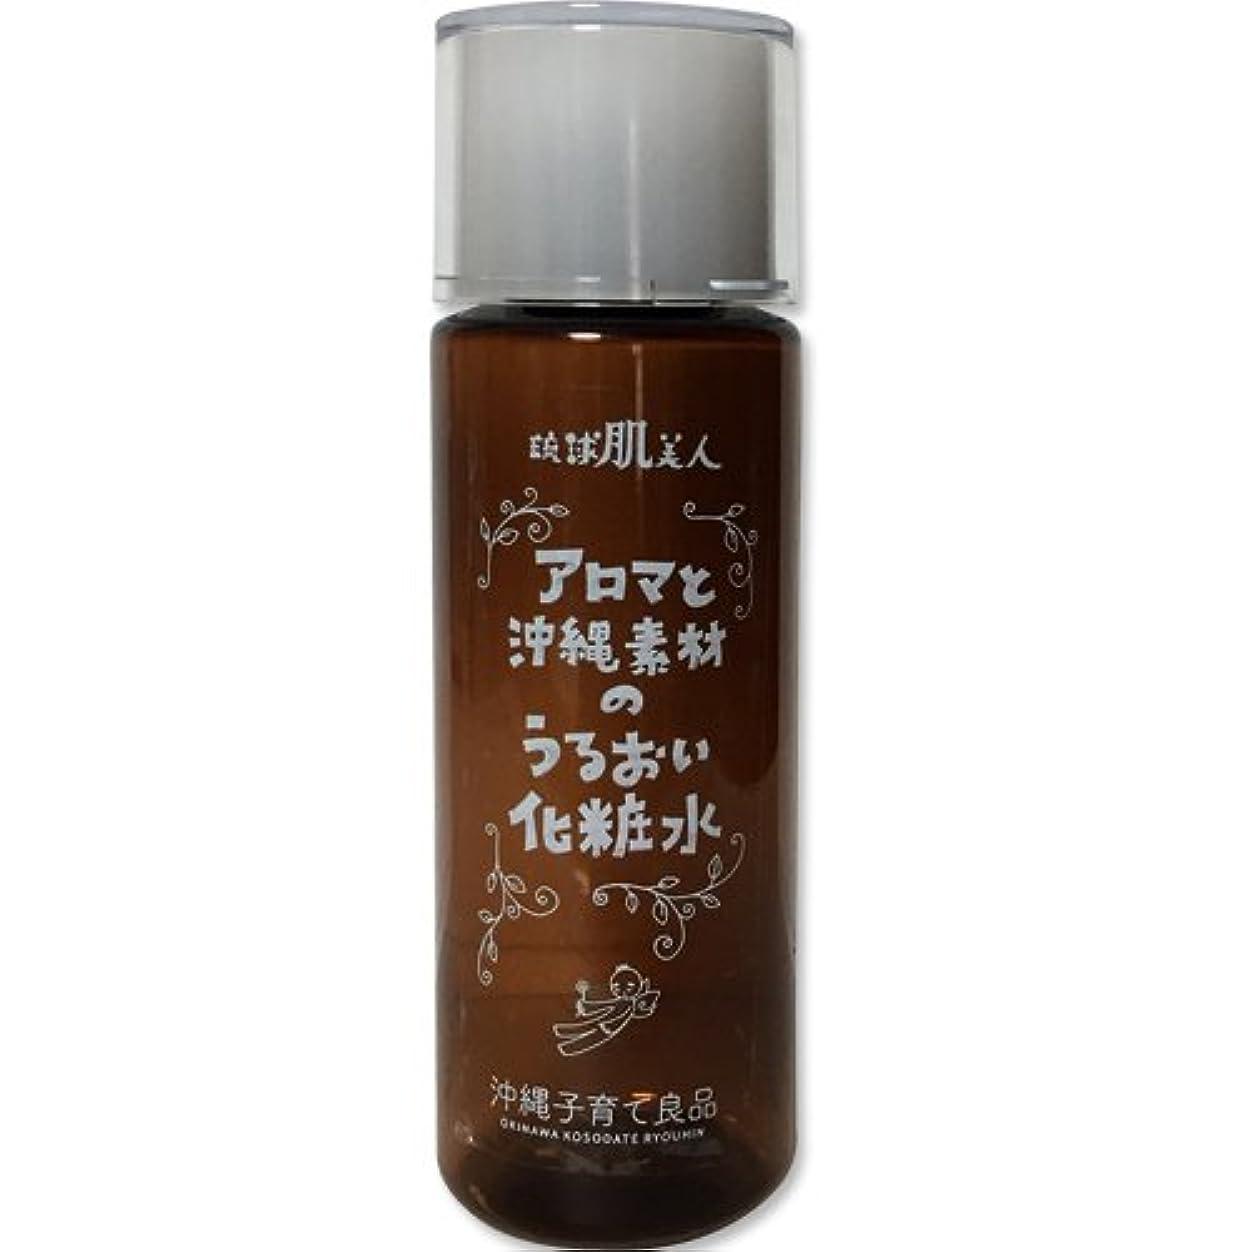 咳横溶融保湿 化粧水 無添加 アルコールフリー アロマと沖縄素材のうるおい化粧水 120ml